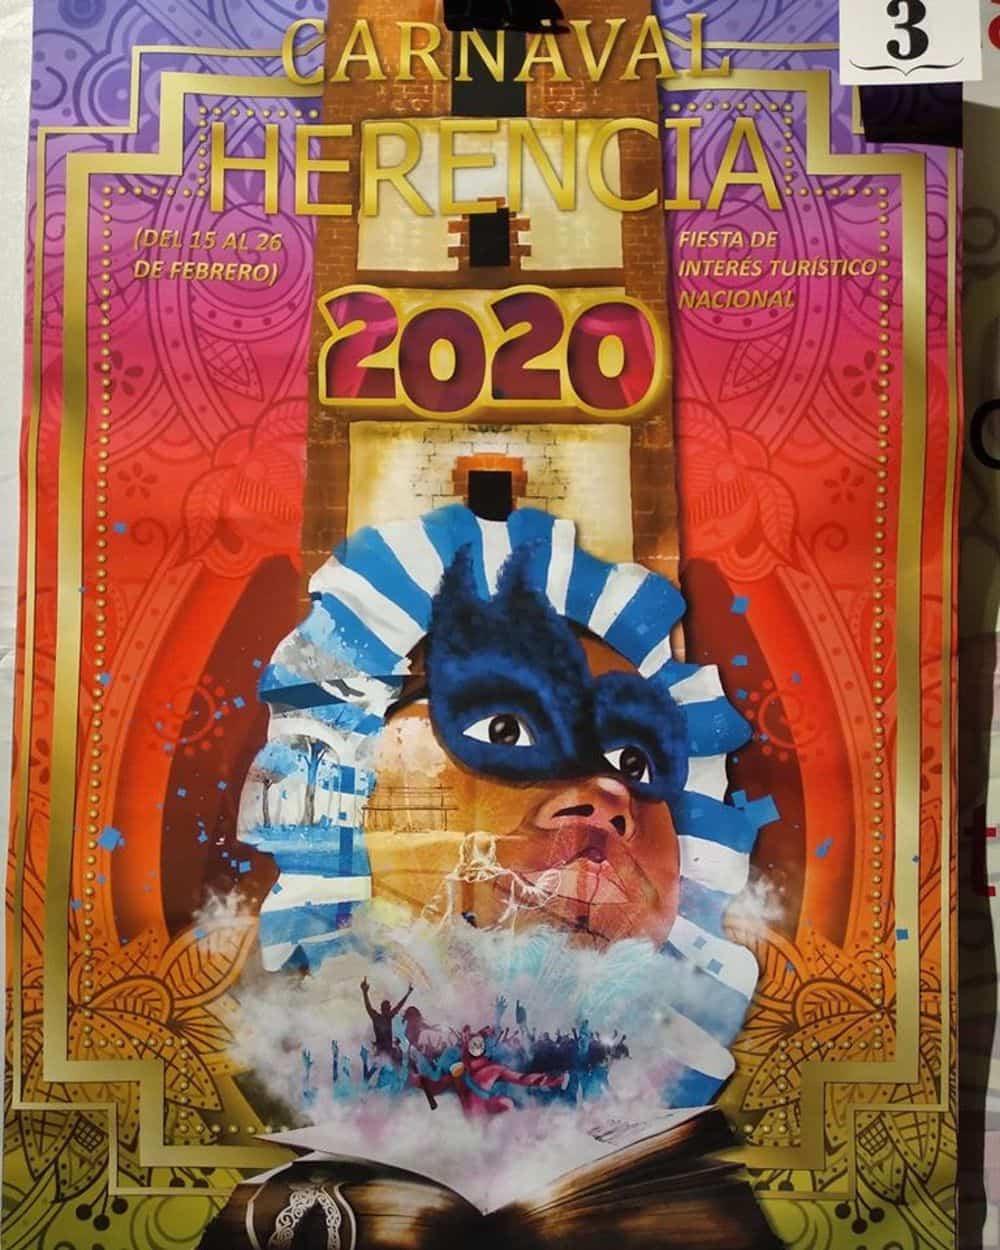 Conoce los carteles de Carnaval de Herencia 2020, ¿cuál te gusta más? 30